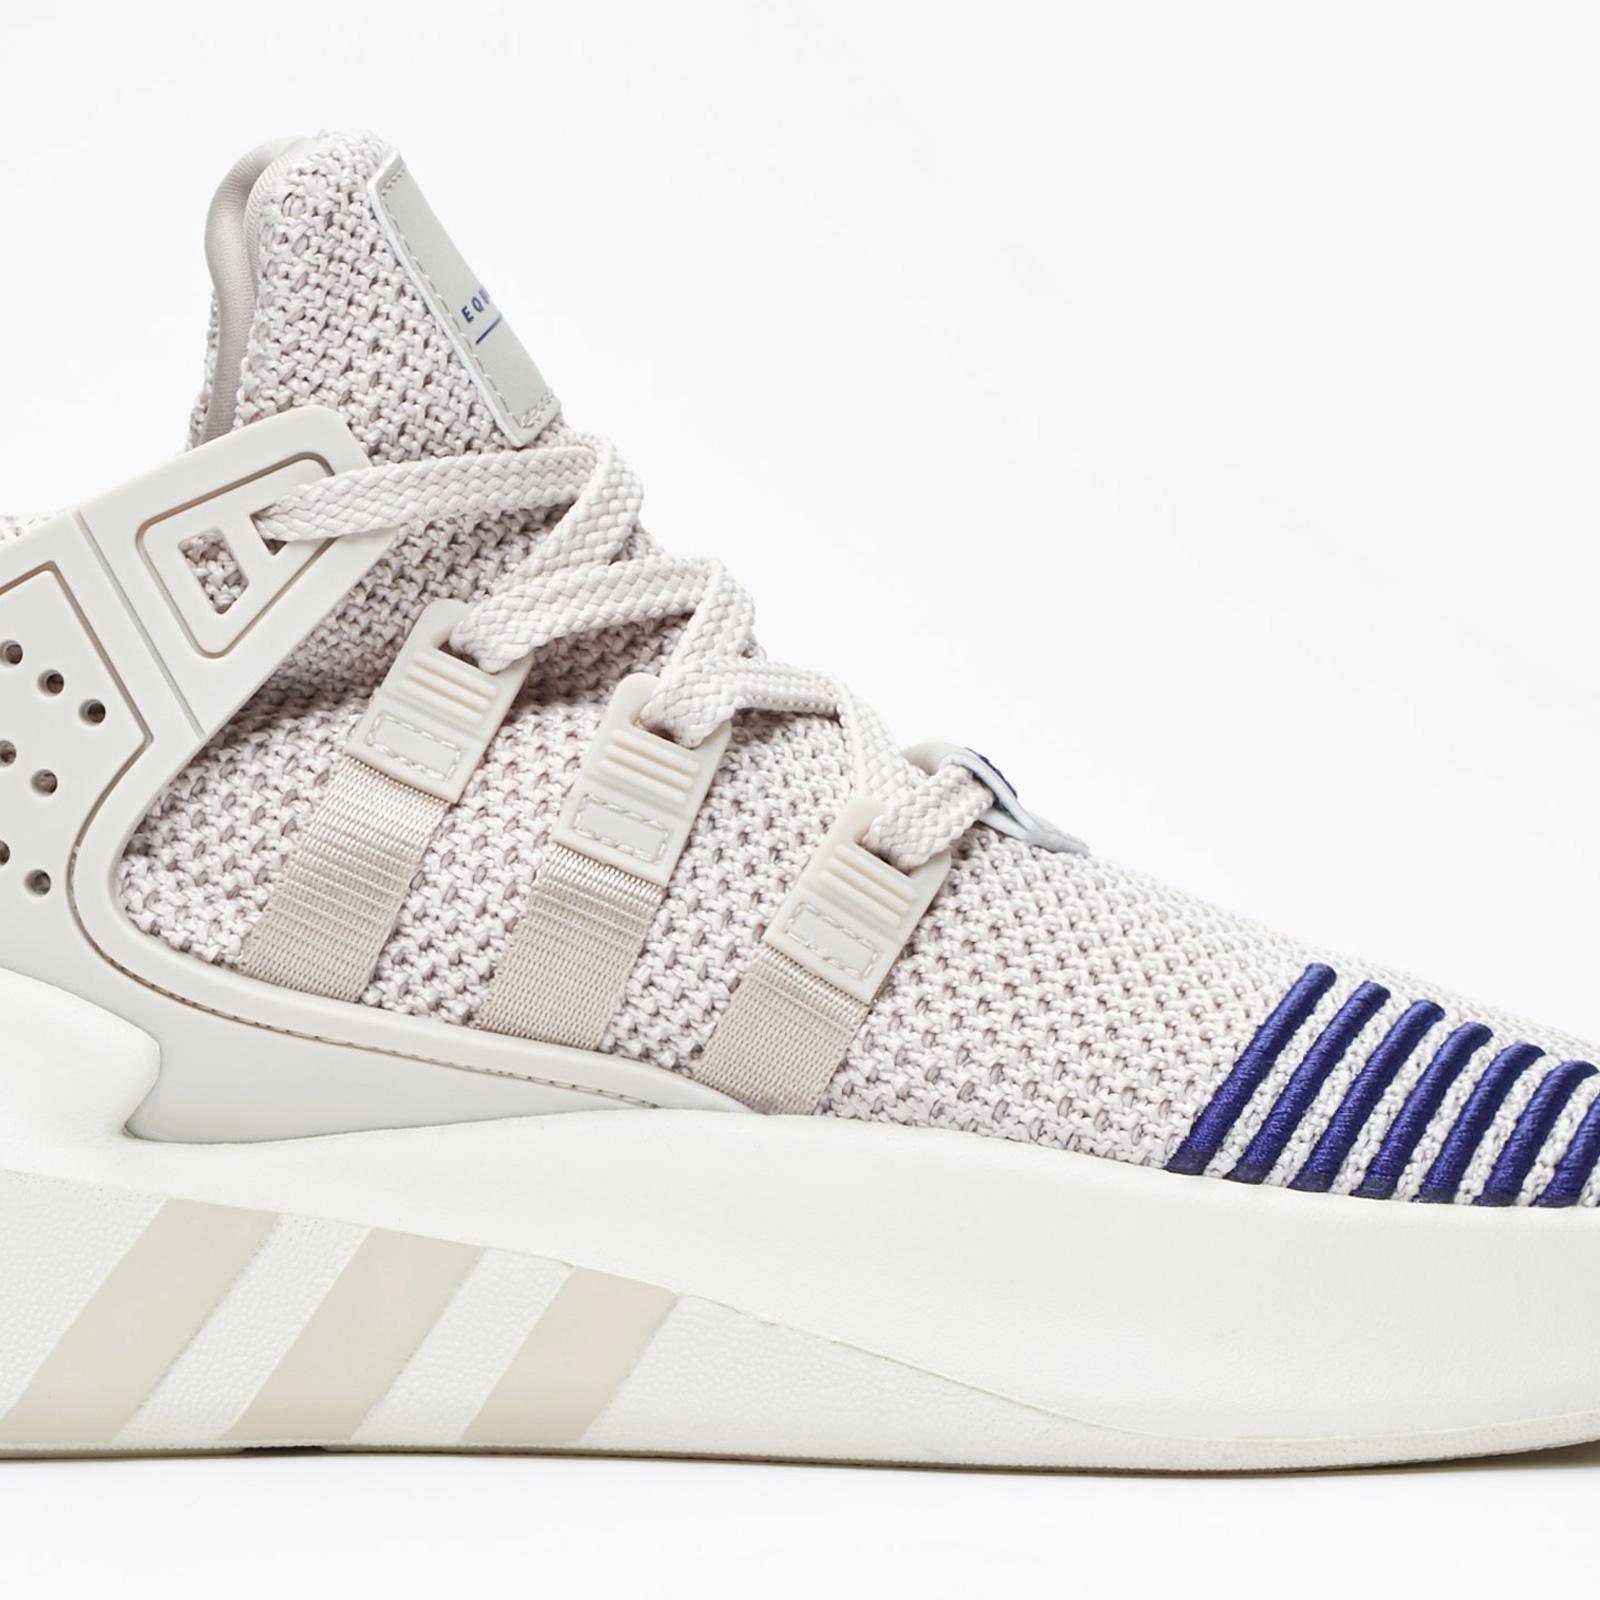 8f8d3f73c642 adidas EQT Basket ADV - B37241 - Sneakersnstuff